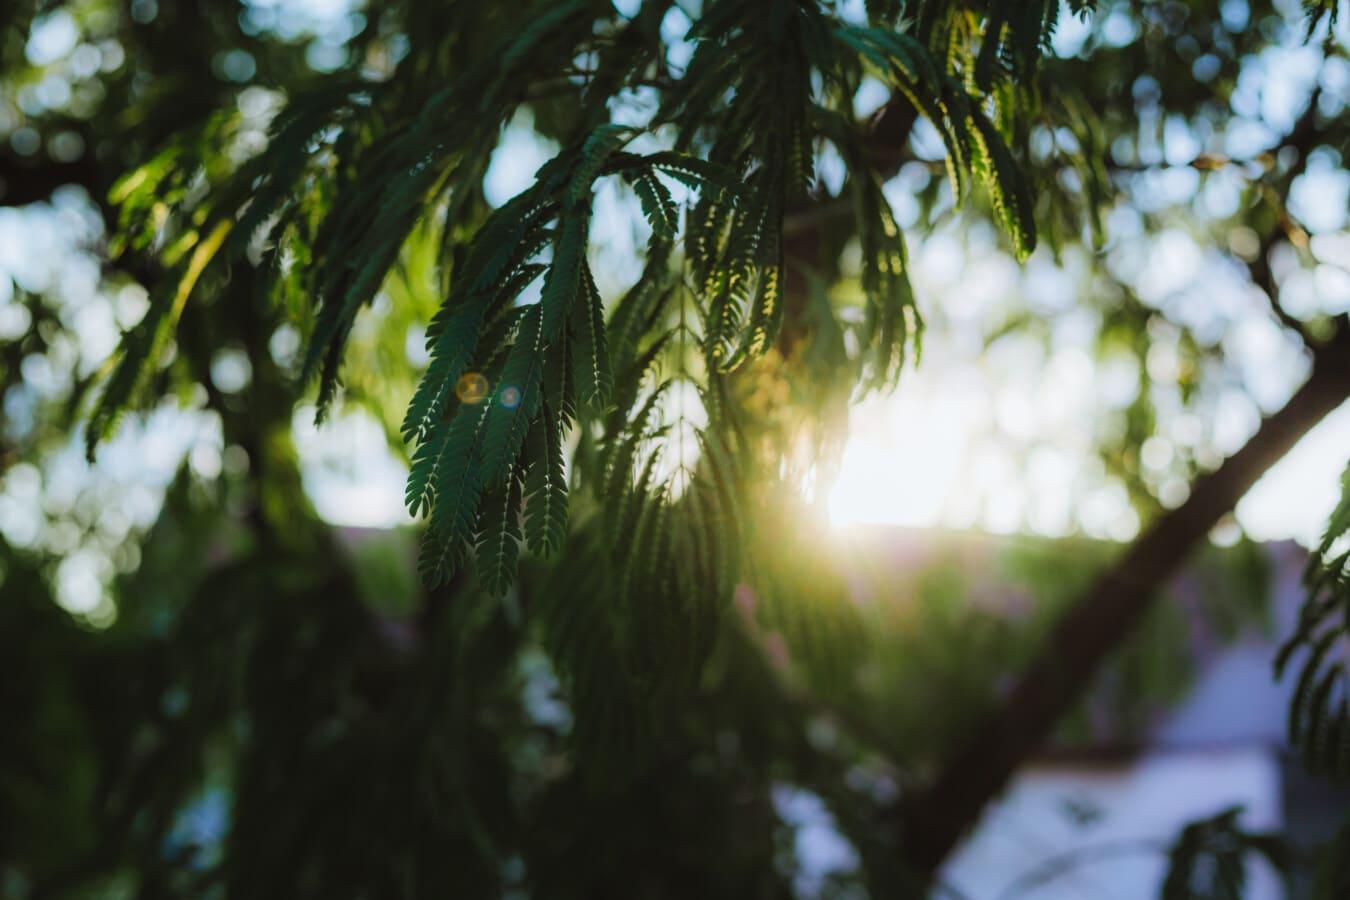 grüne Blätter, Sonnenschein, Sonnenfleck, Sonnenlicht, Sonnenstrahlen, Geäst, Struktur, Sonne, Blatt, Strand